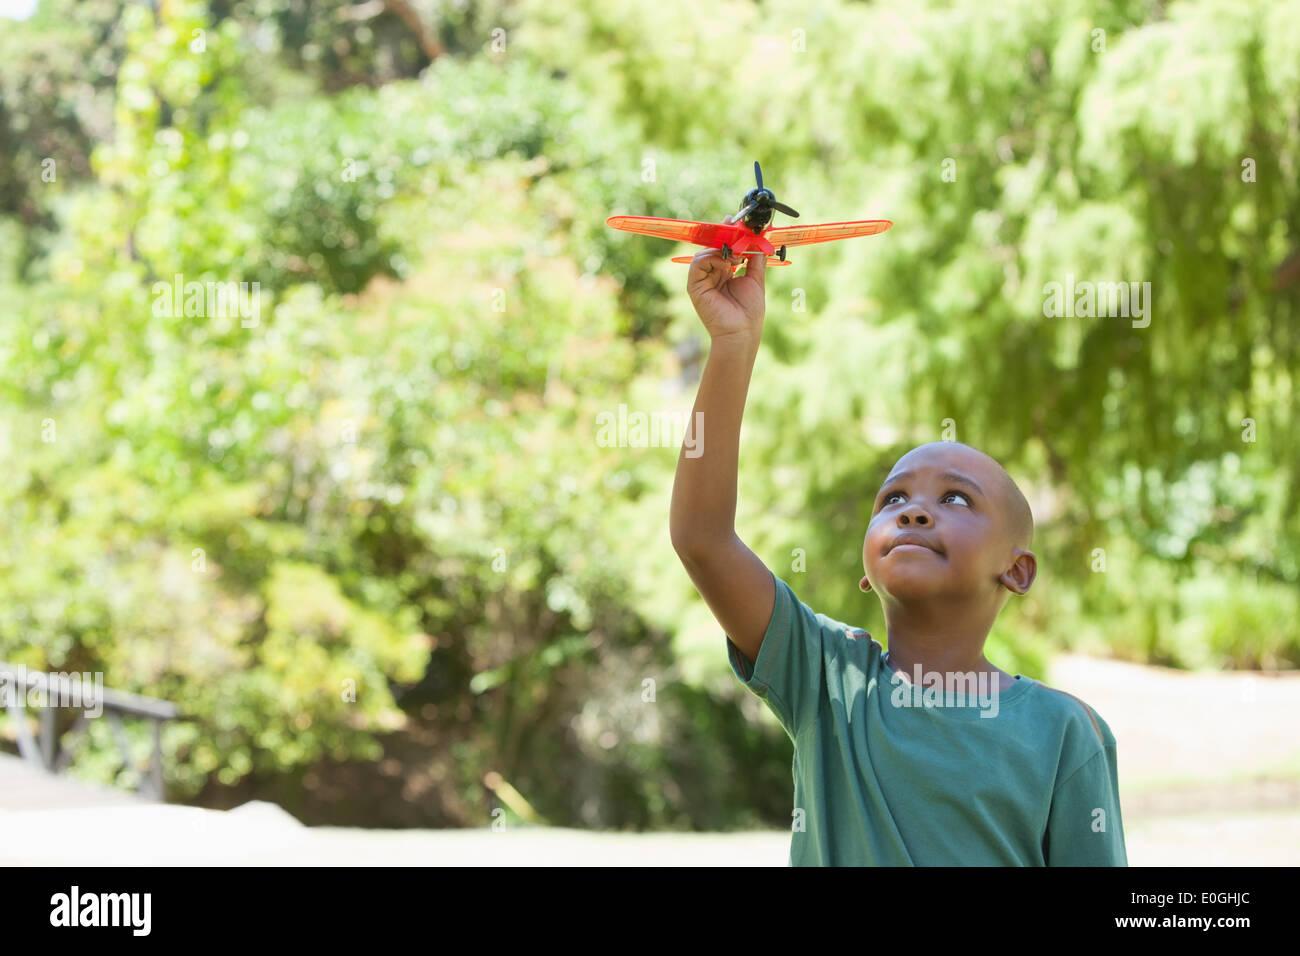 Glückliche kleine Junge Spielzeugflugzeug fliegen Stockbild